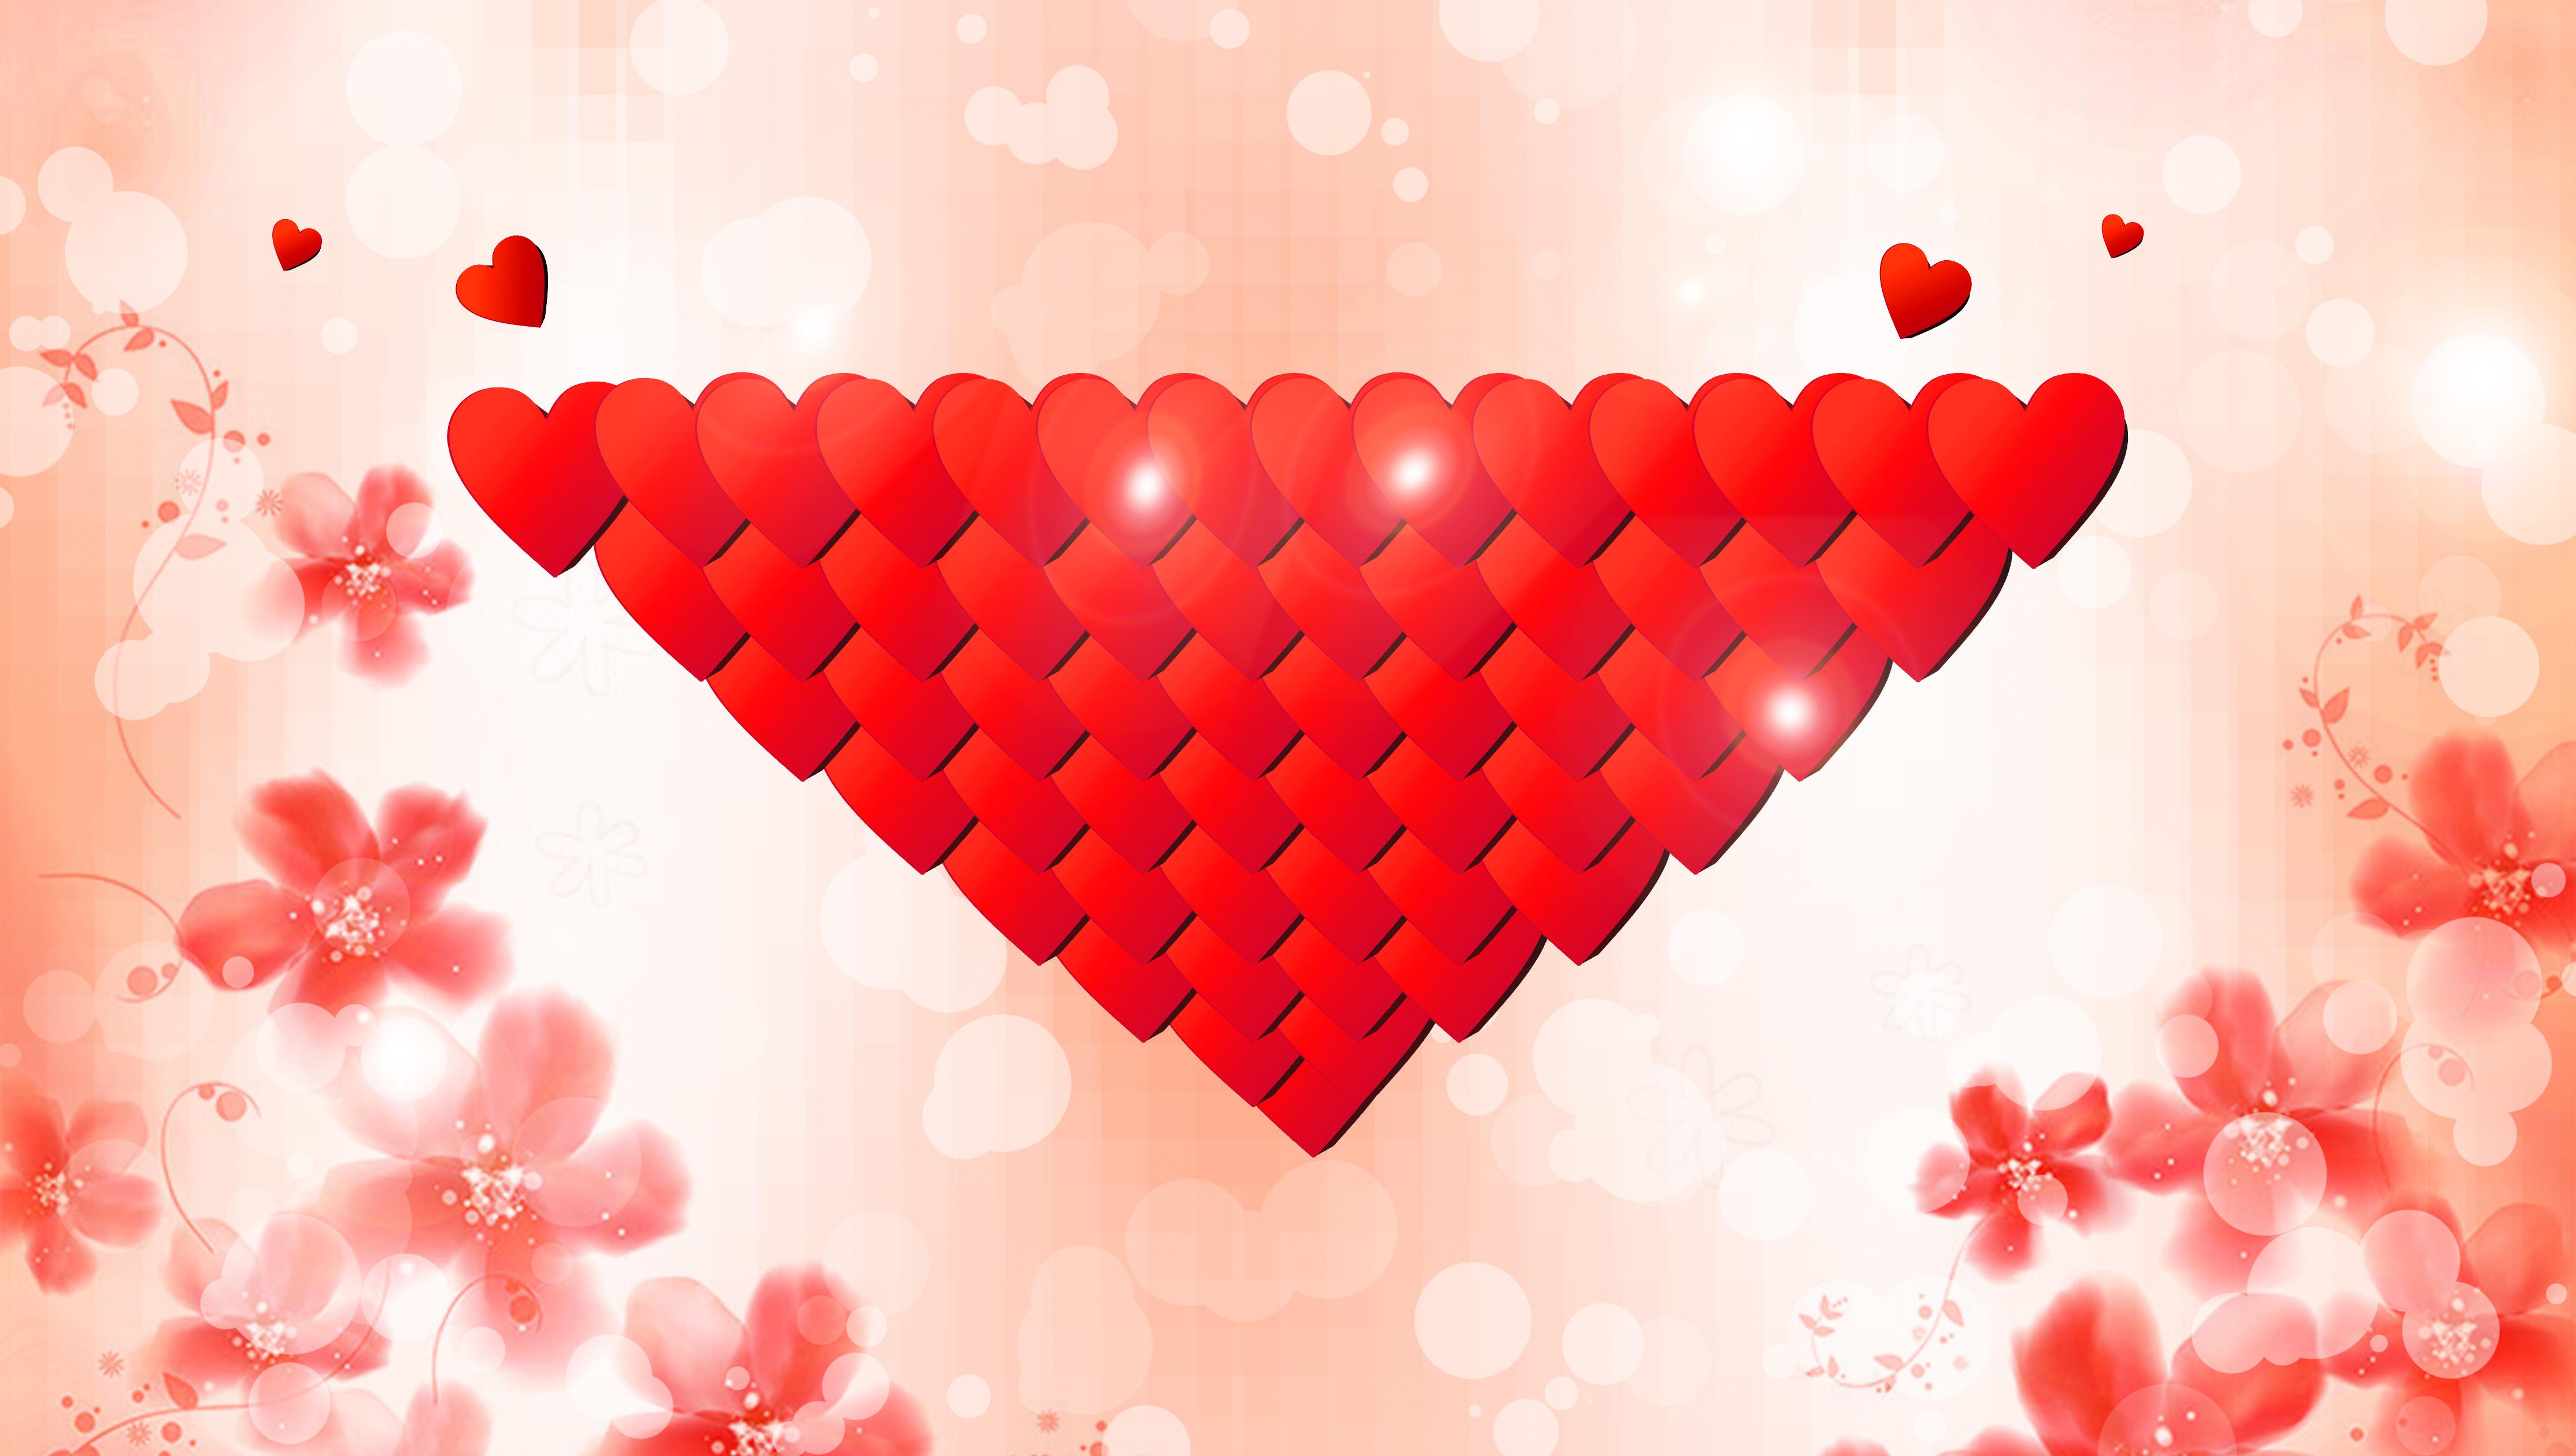 Hình trái tim hồng lãng mạn hoạt động quảng cáo bài hát nền cho lễ tình nhân, Ngày Lễ Tình Nhân, Hình Trái Tim, Nền Màu Hồng Mơ Mộng tải về miễn phí ảnh nền